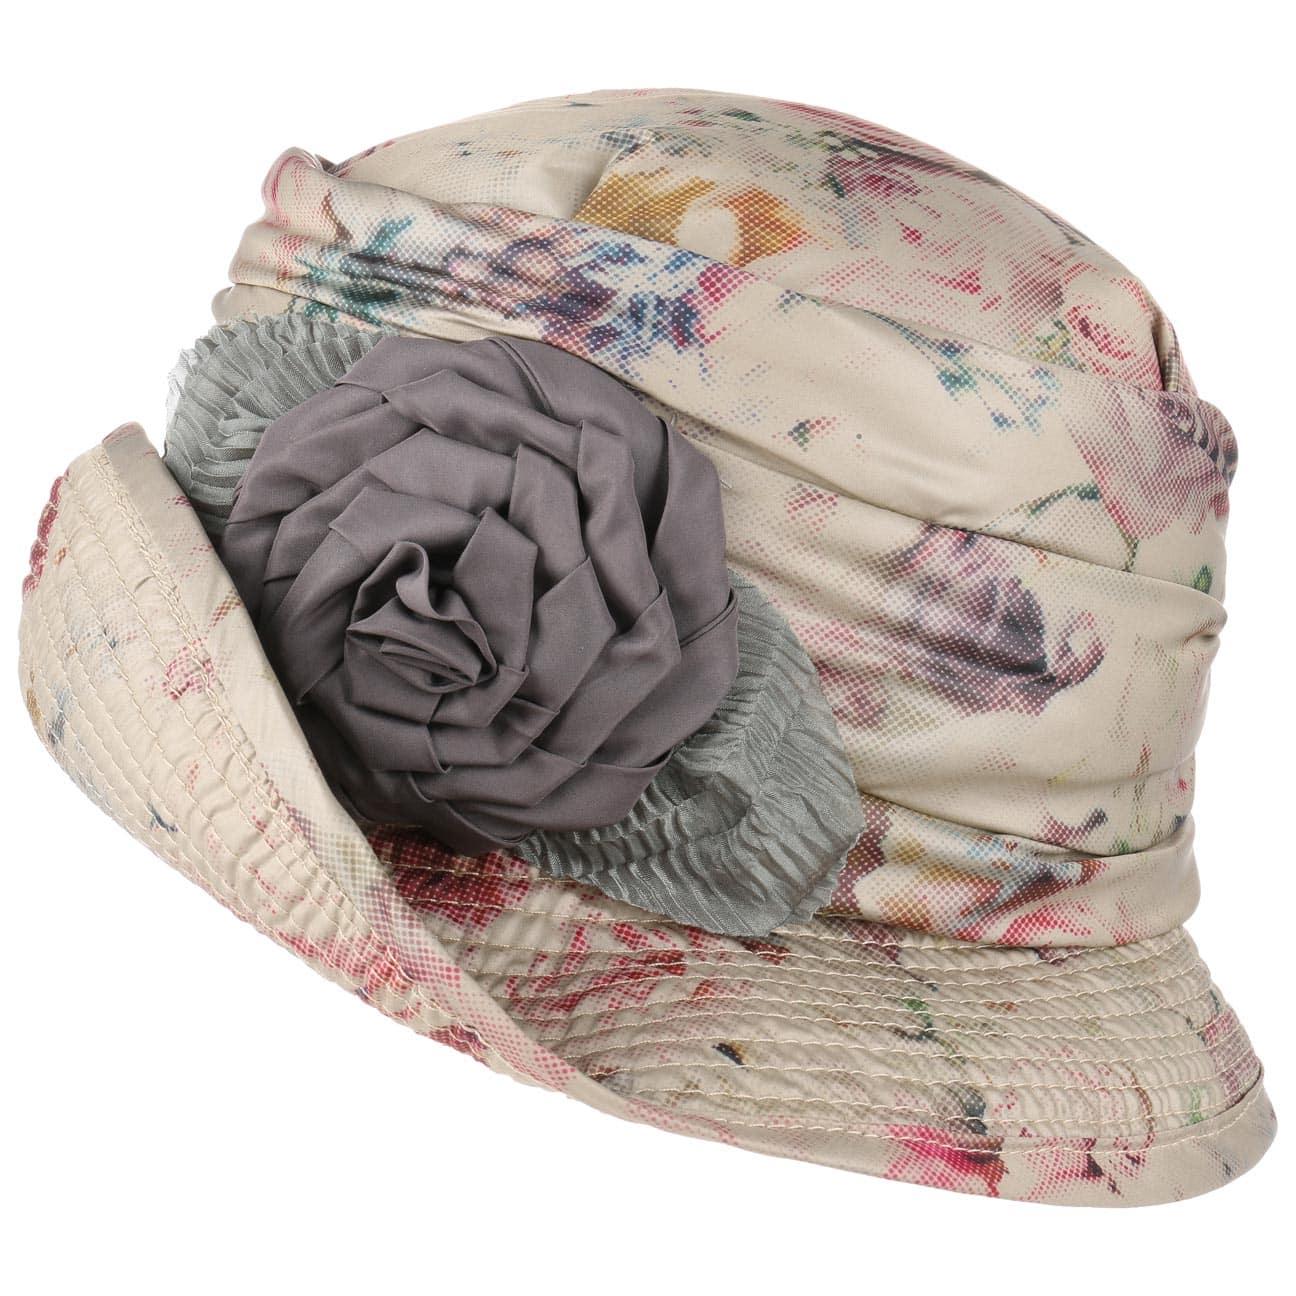 Sombrero de Lluvia con Estampado Floral by GREVI  sombrero outdoor